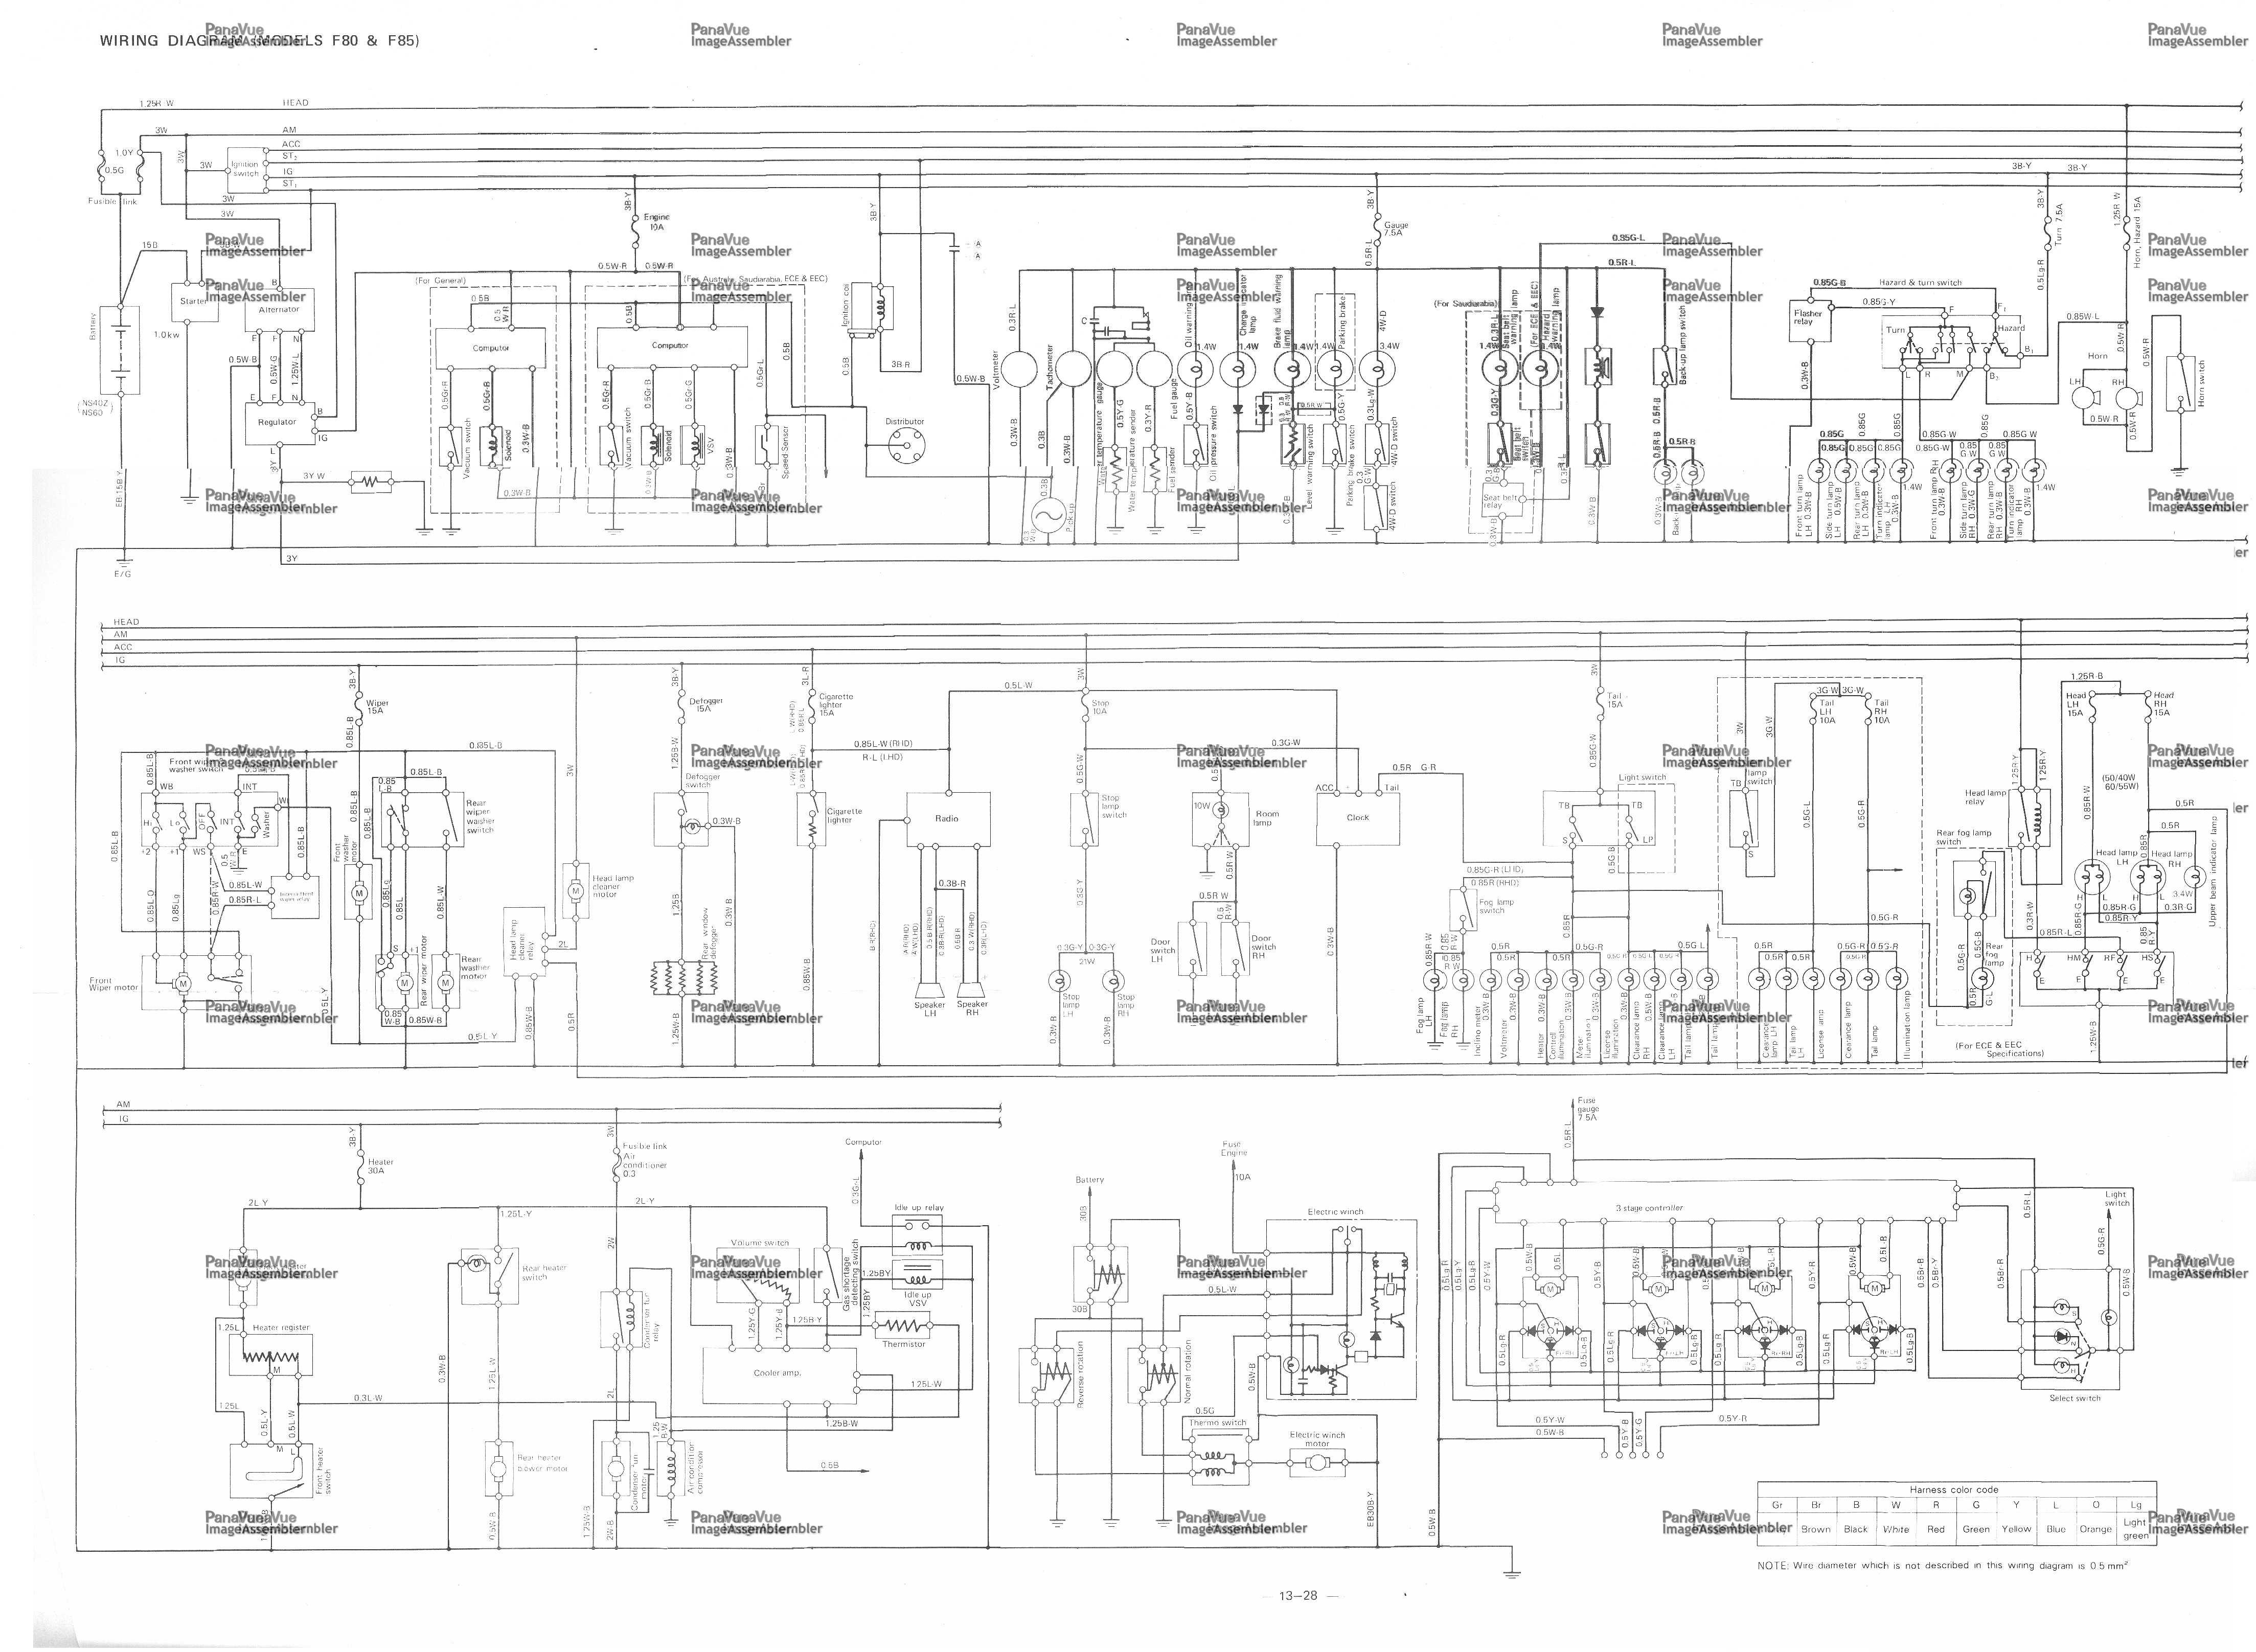 daihatsu car manuals wiring diagrams pdf fault codes rh automotive manuals net 1988 Daihatsu Cuore 2005 Daihatsu Cuore